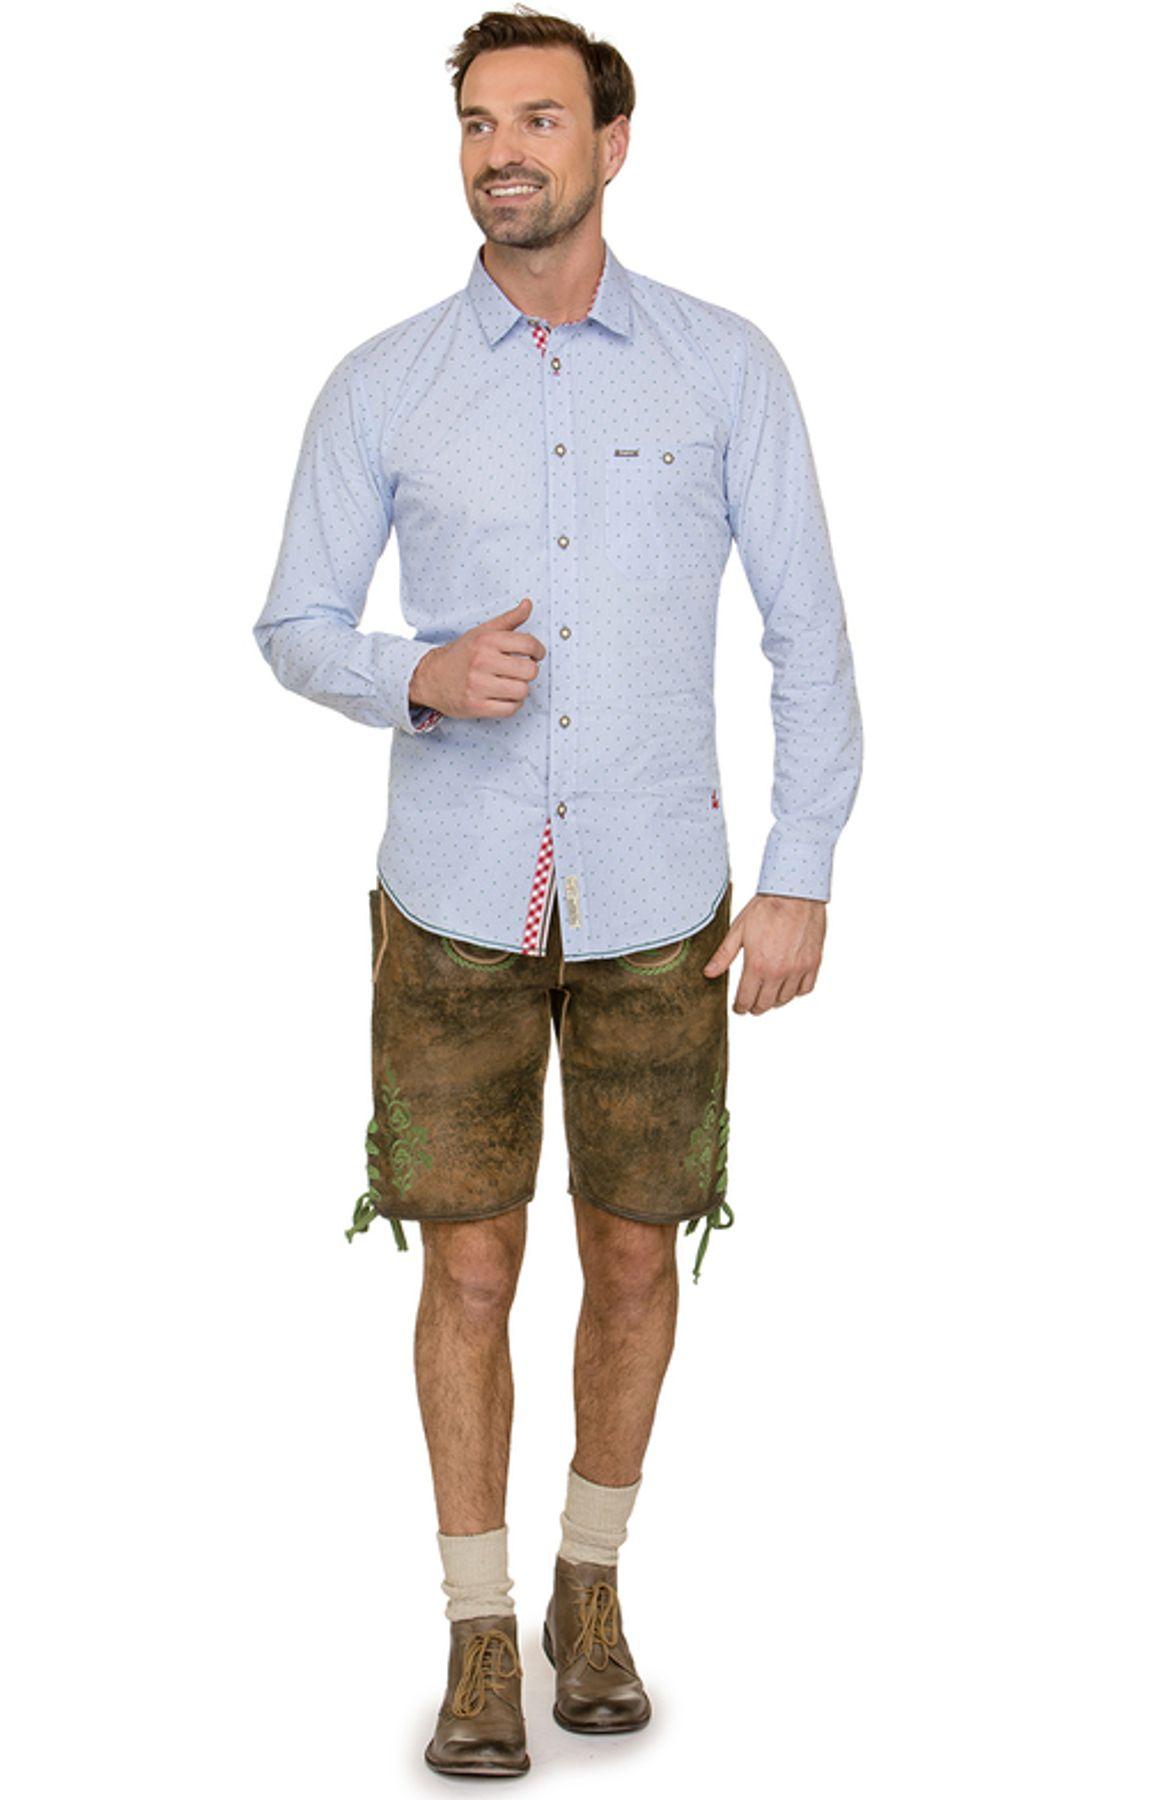 Stockerpoint - Herren Trachtenhemd in Hellblau, Leeroy – Bild 3